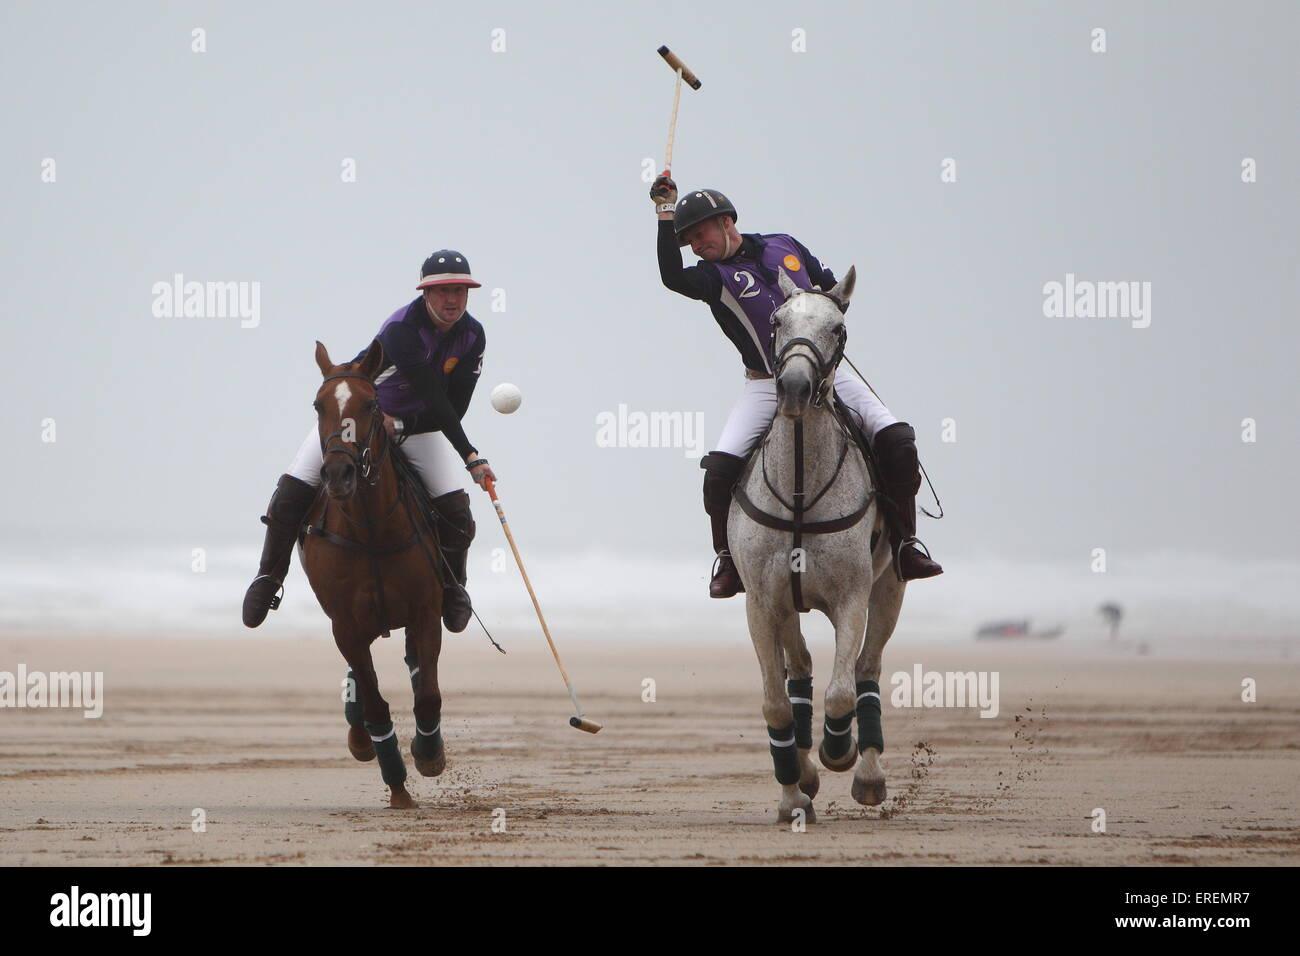 Watergate Bay, Newquay, Cornwall, UK. 2. Juni 2015. Professionelle Polospieler Andy Burgess Reiten Tonka und Daniel Stockbild